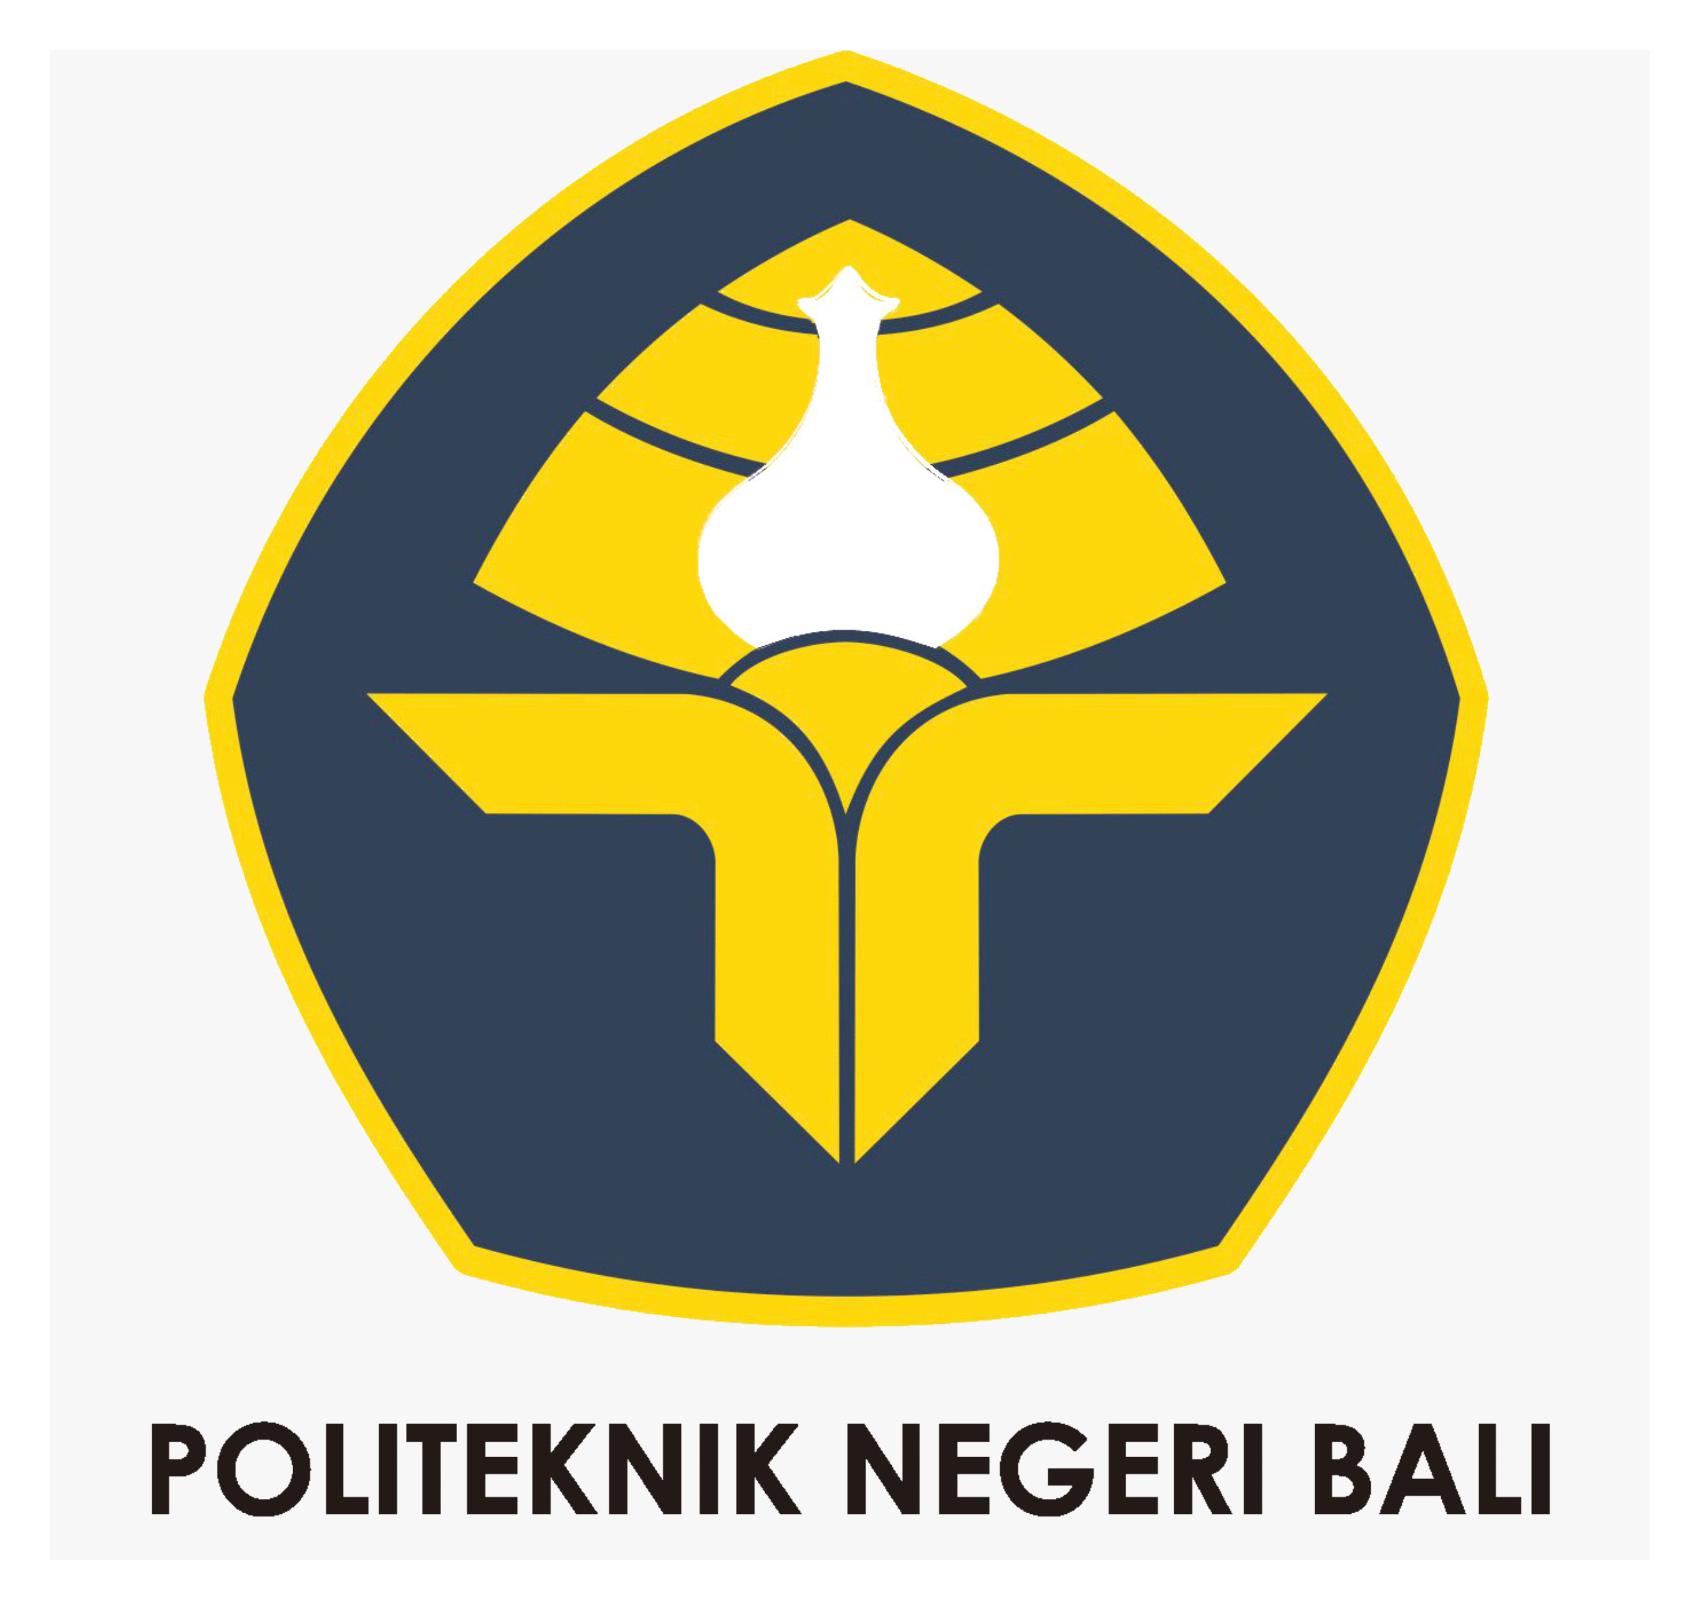 Logo PNB (Politeknik Negeri Bali) Original Lengkap PNG